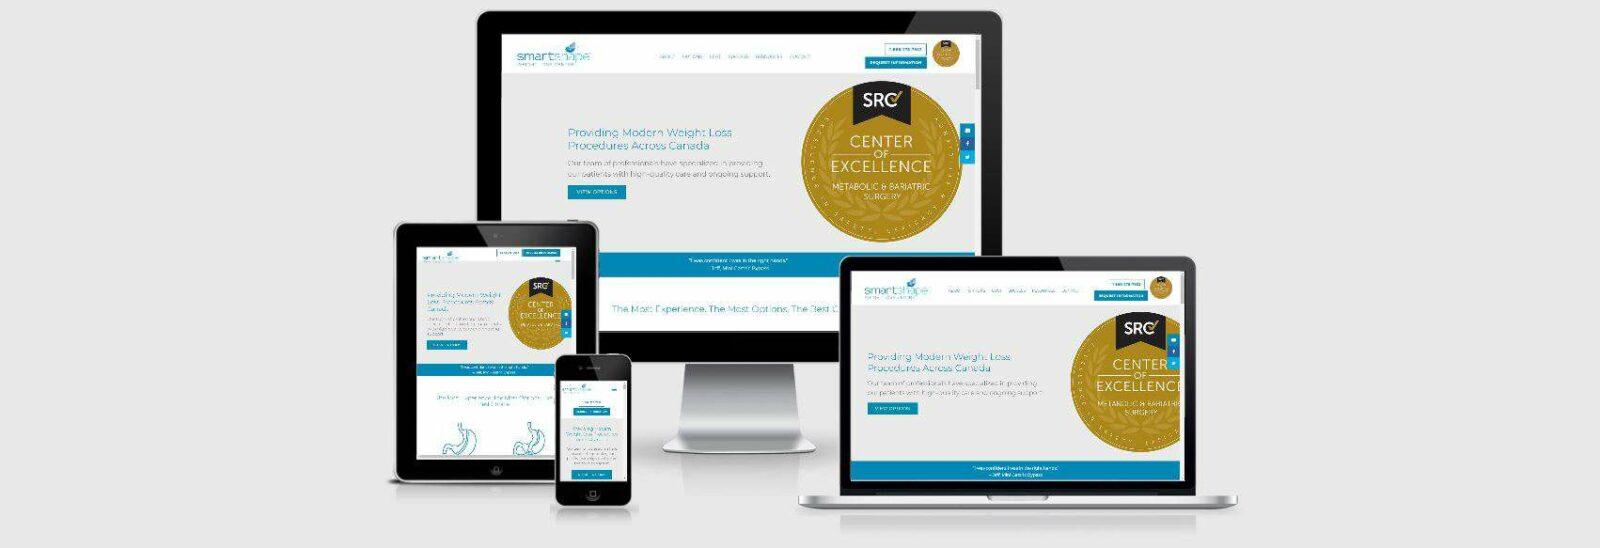 smartshape website